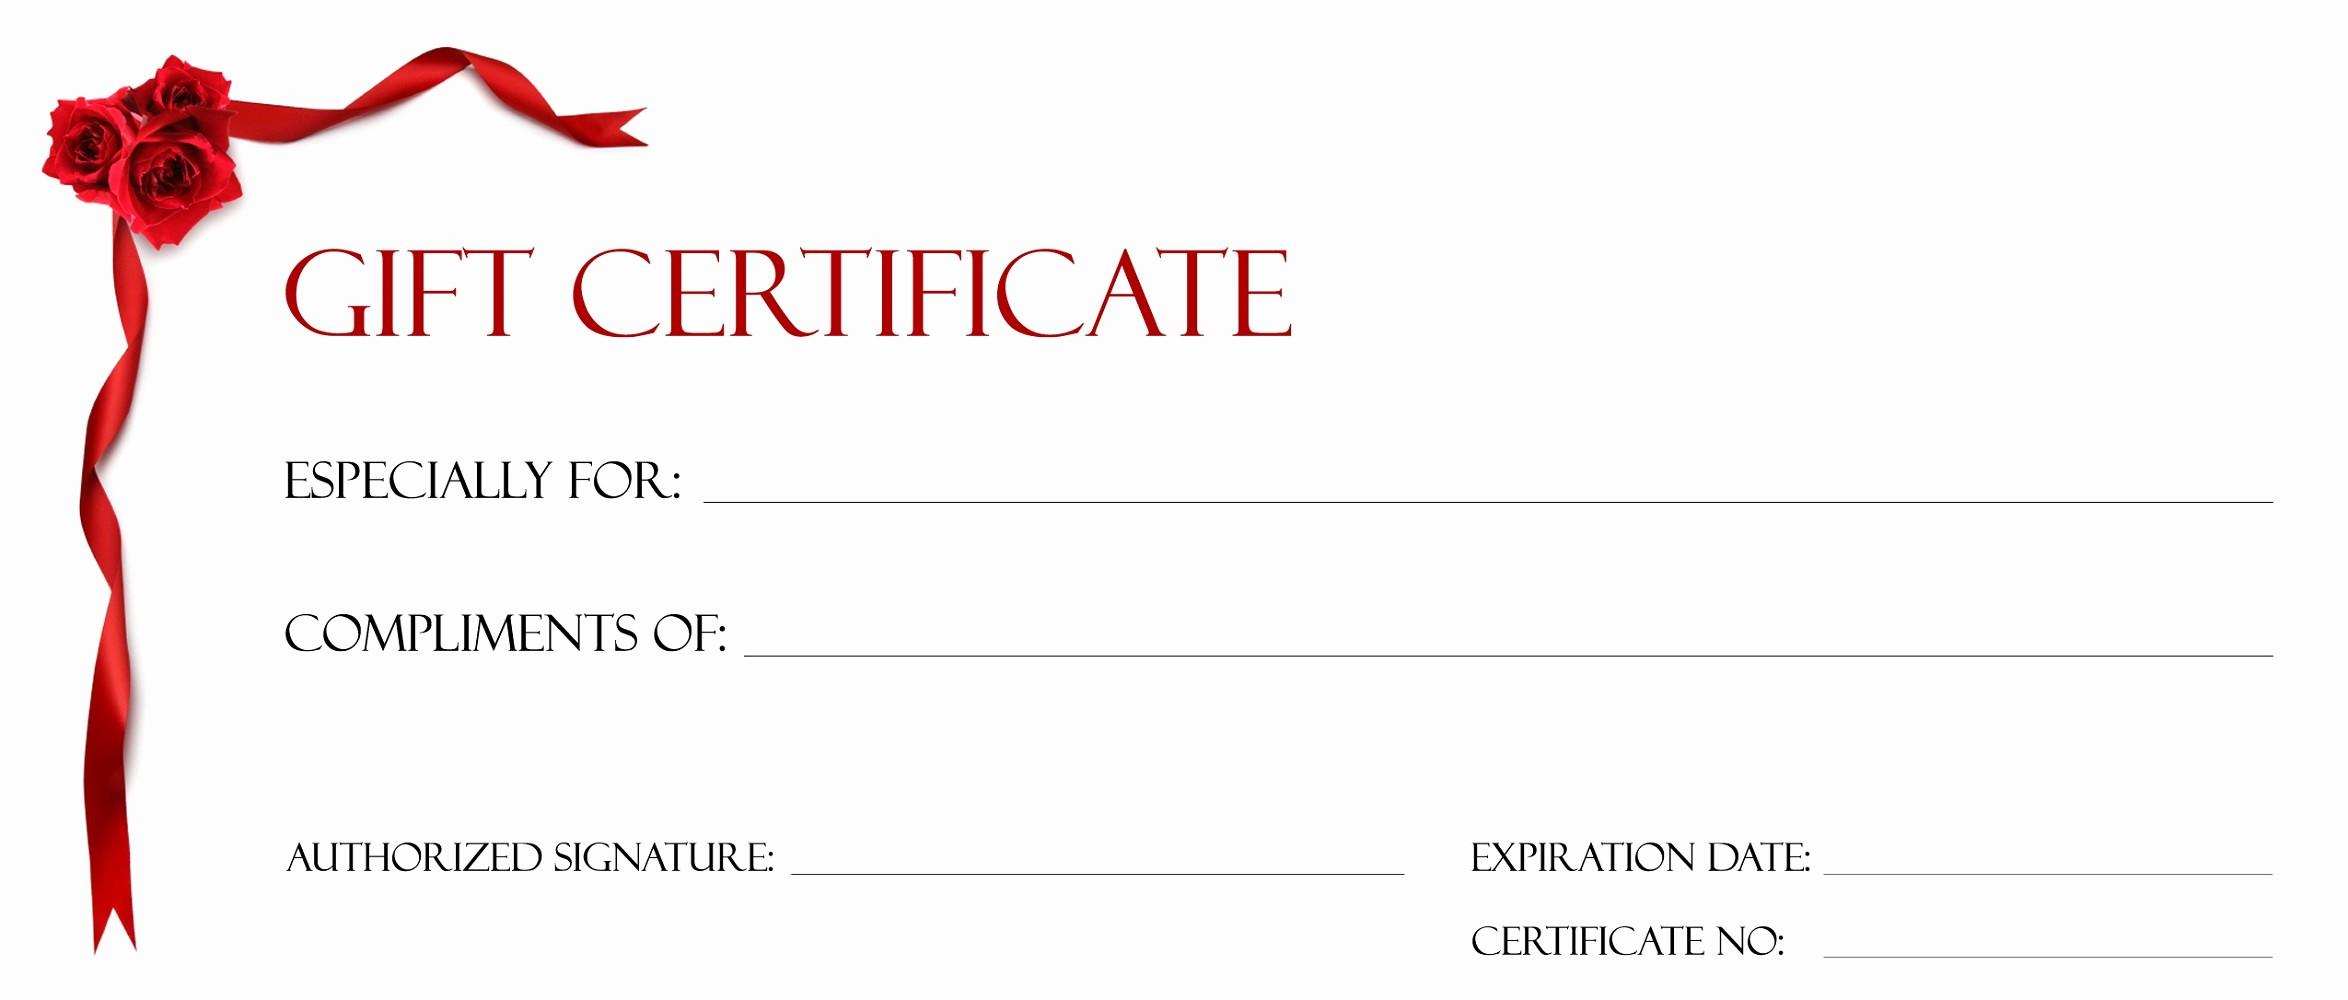 Free Gift Certificates to Print Elegant Gift Certificate Templates to Print